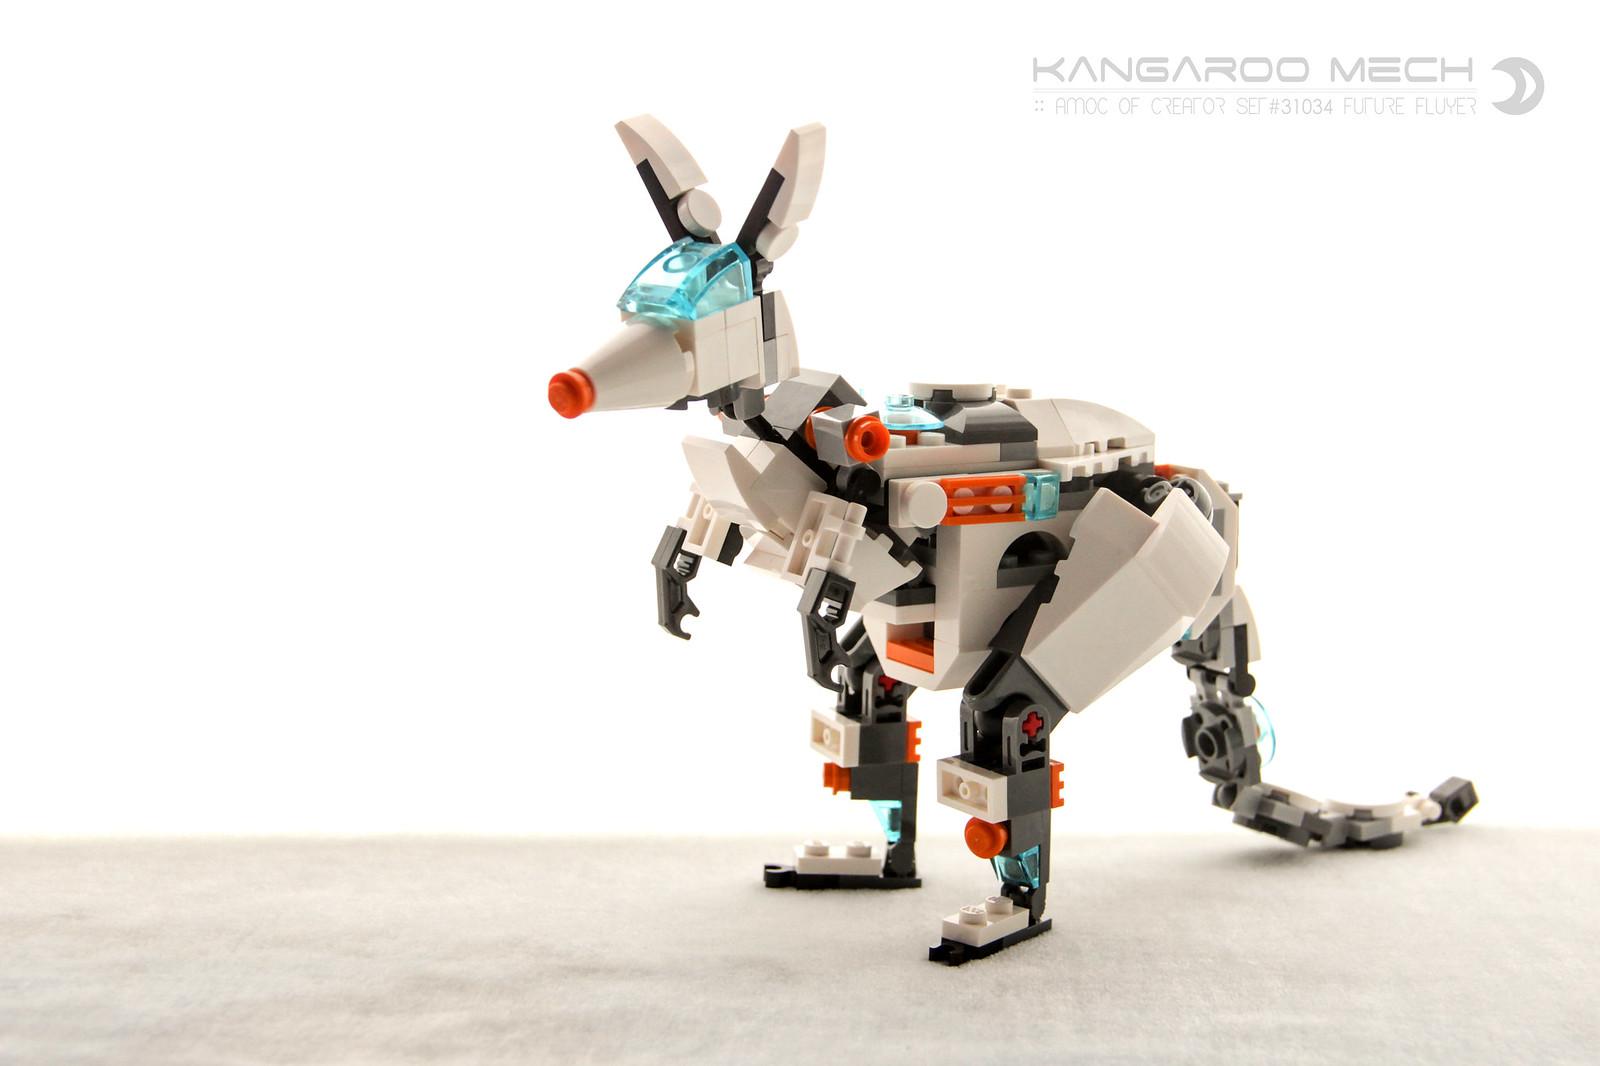 機甲袋鼠: 31034 AMOC